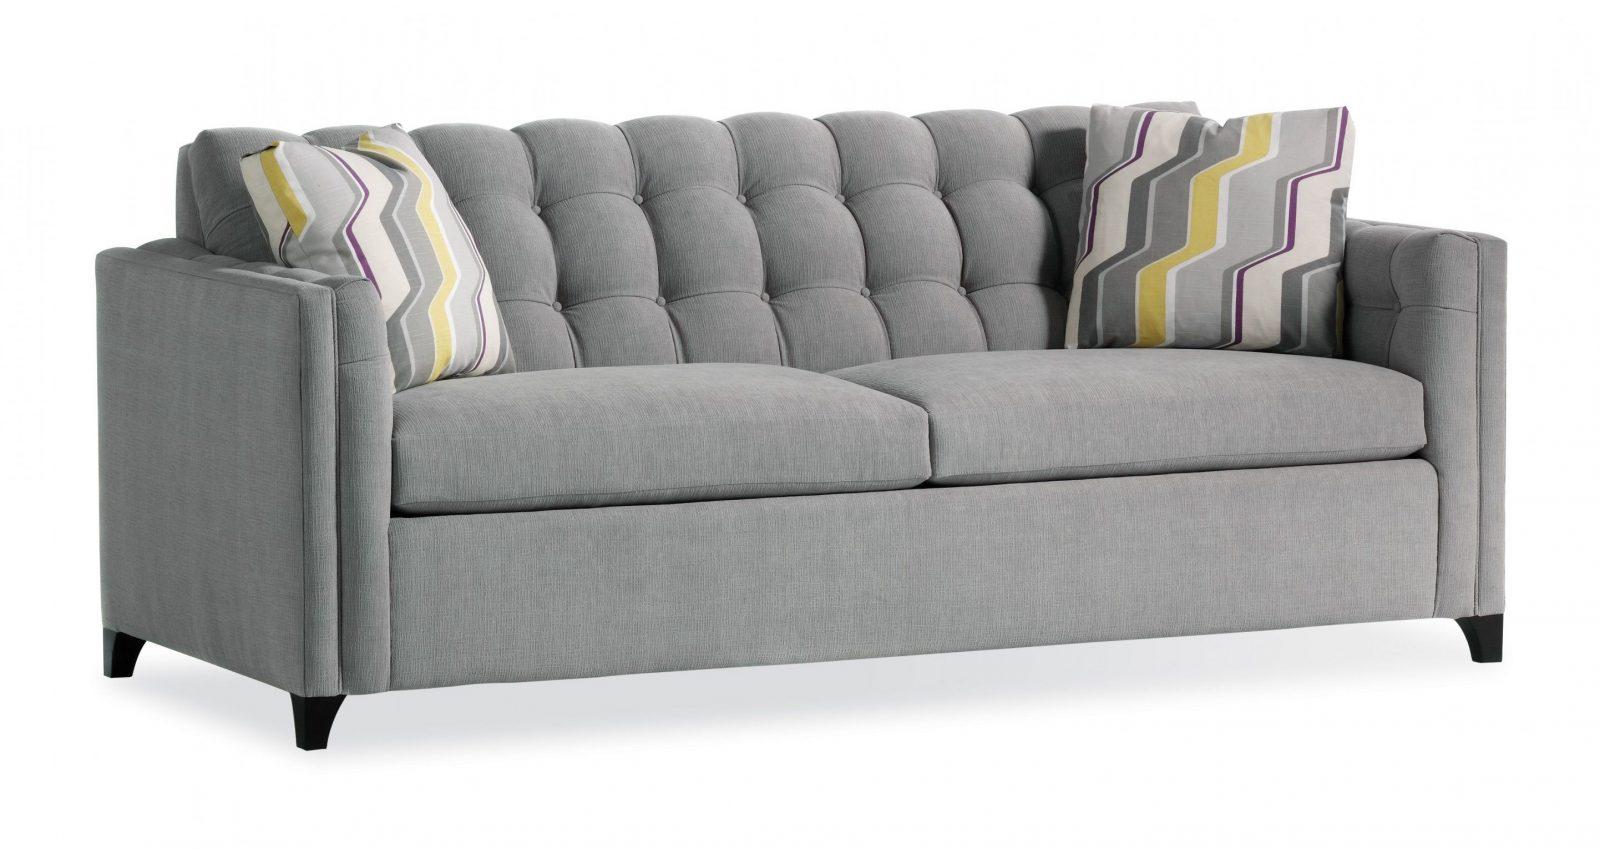 atemberaubend kleine sofas specialdesignshopfo zum kleine sofas von kleine couch f r. Black Bedroom Furniture Sets. Home Design Ideas